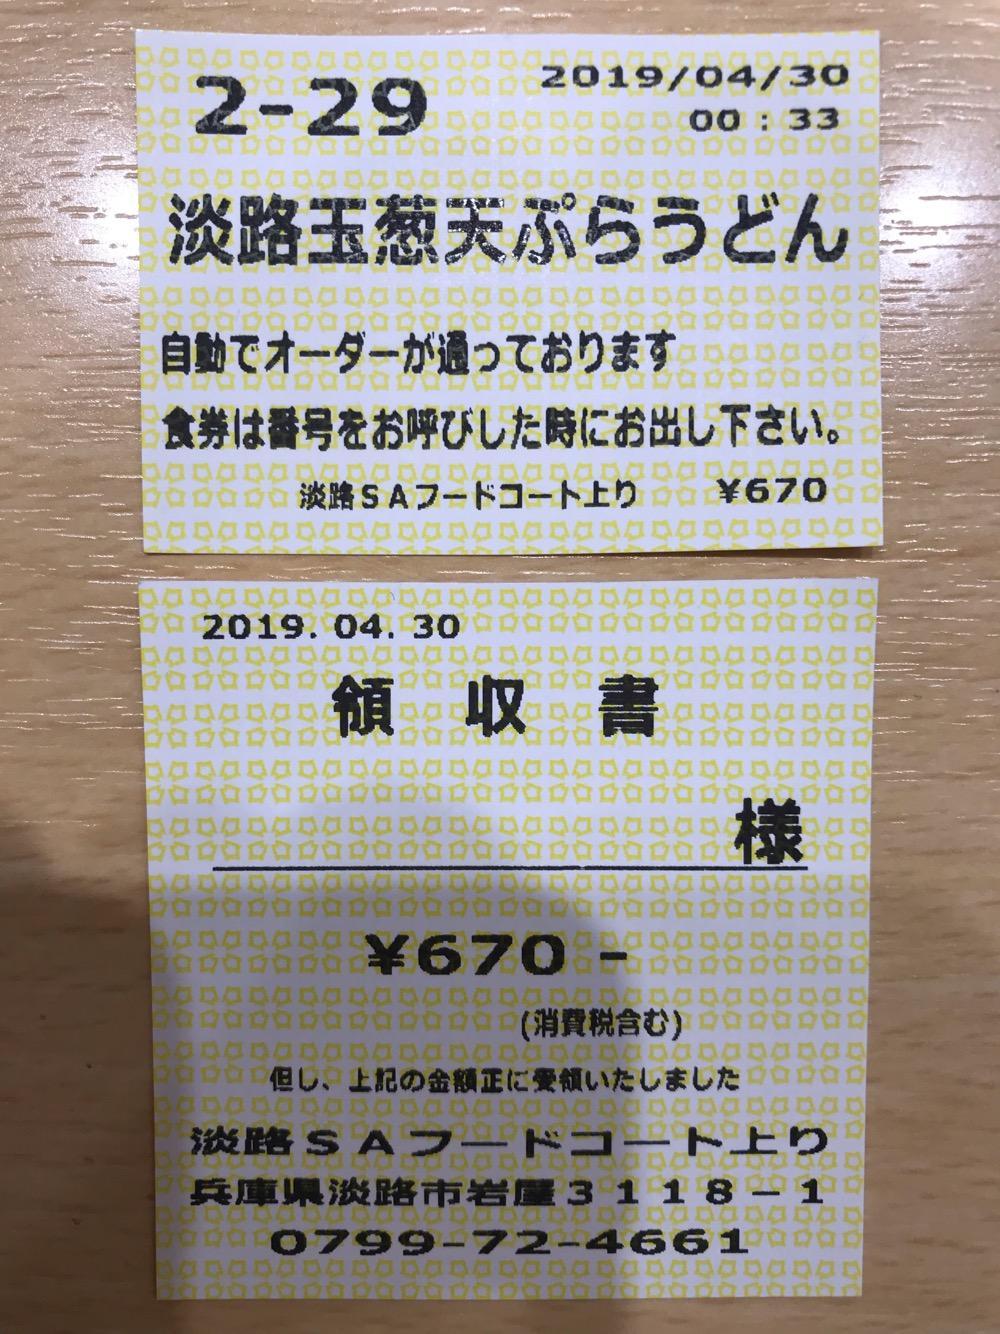 淡路玉葱天ぷらうどん - 淡路サービスエリア(上り)のフードコートの食券と領収書